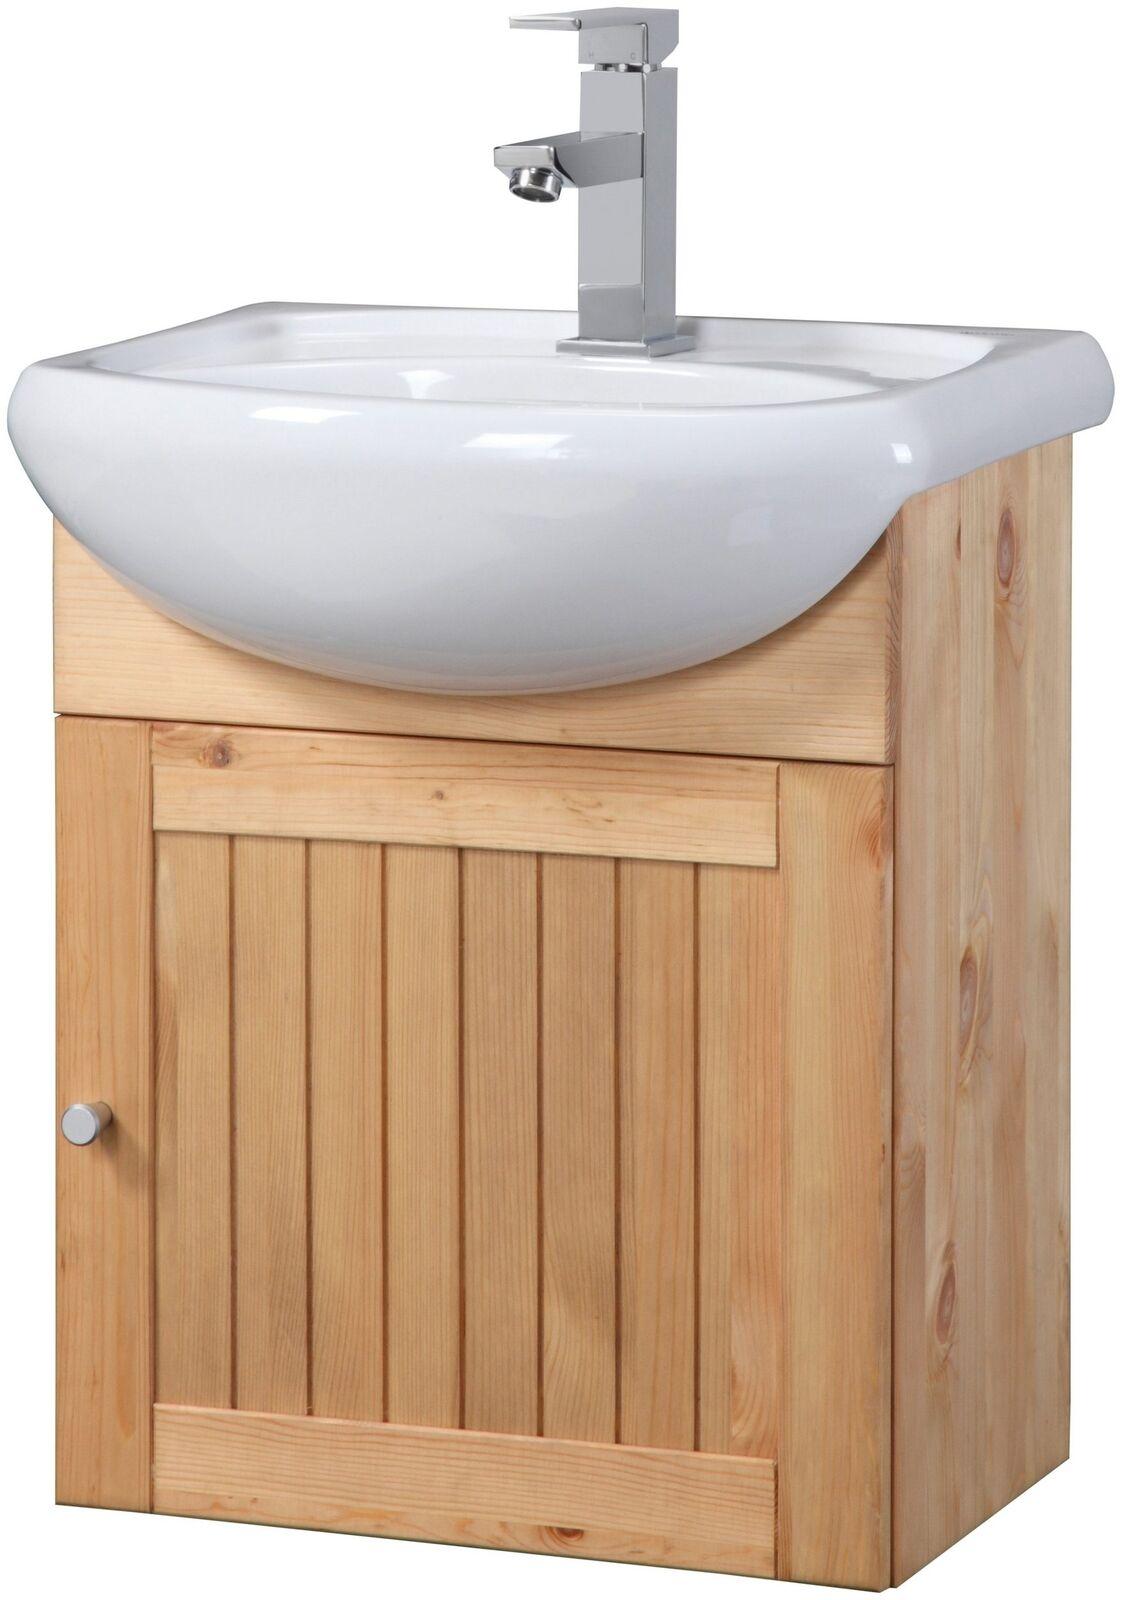 Waschtisch Waschplatz Waschbecken Schrank Natur 45cm UVP 99, 99u20ac 7100584